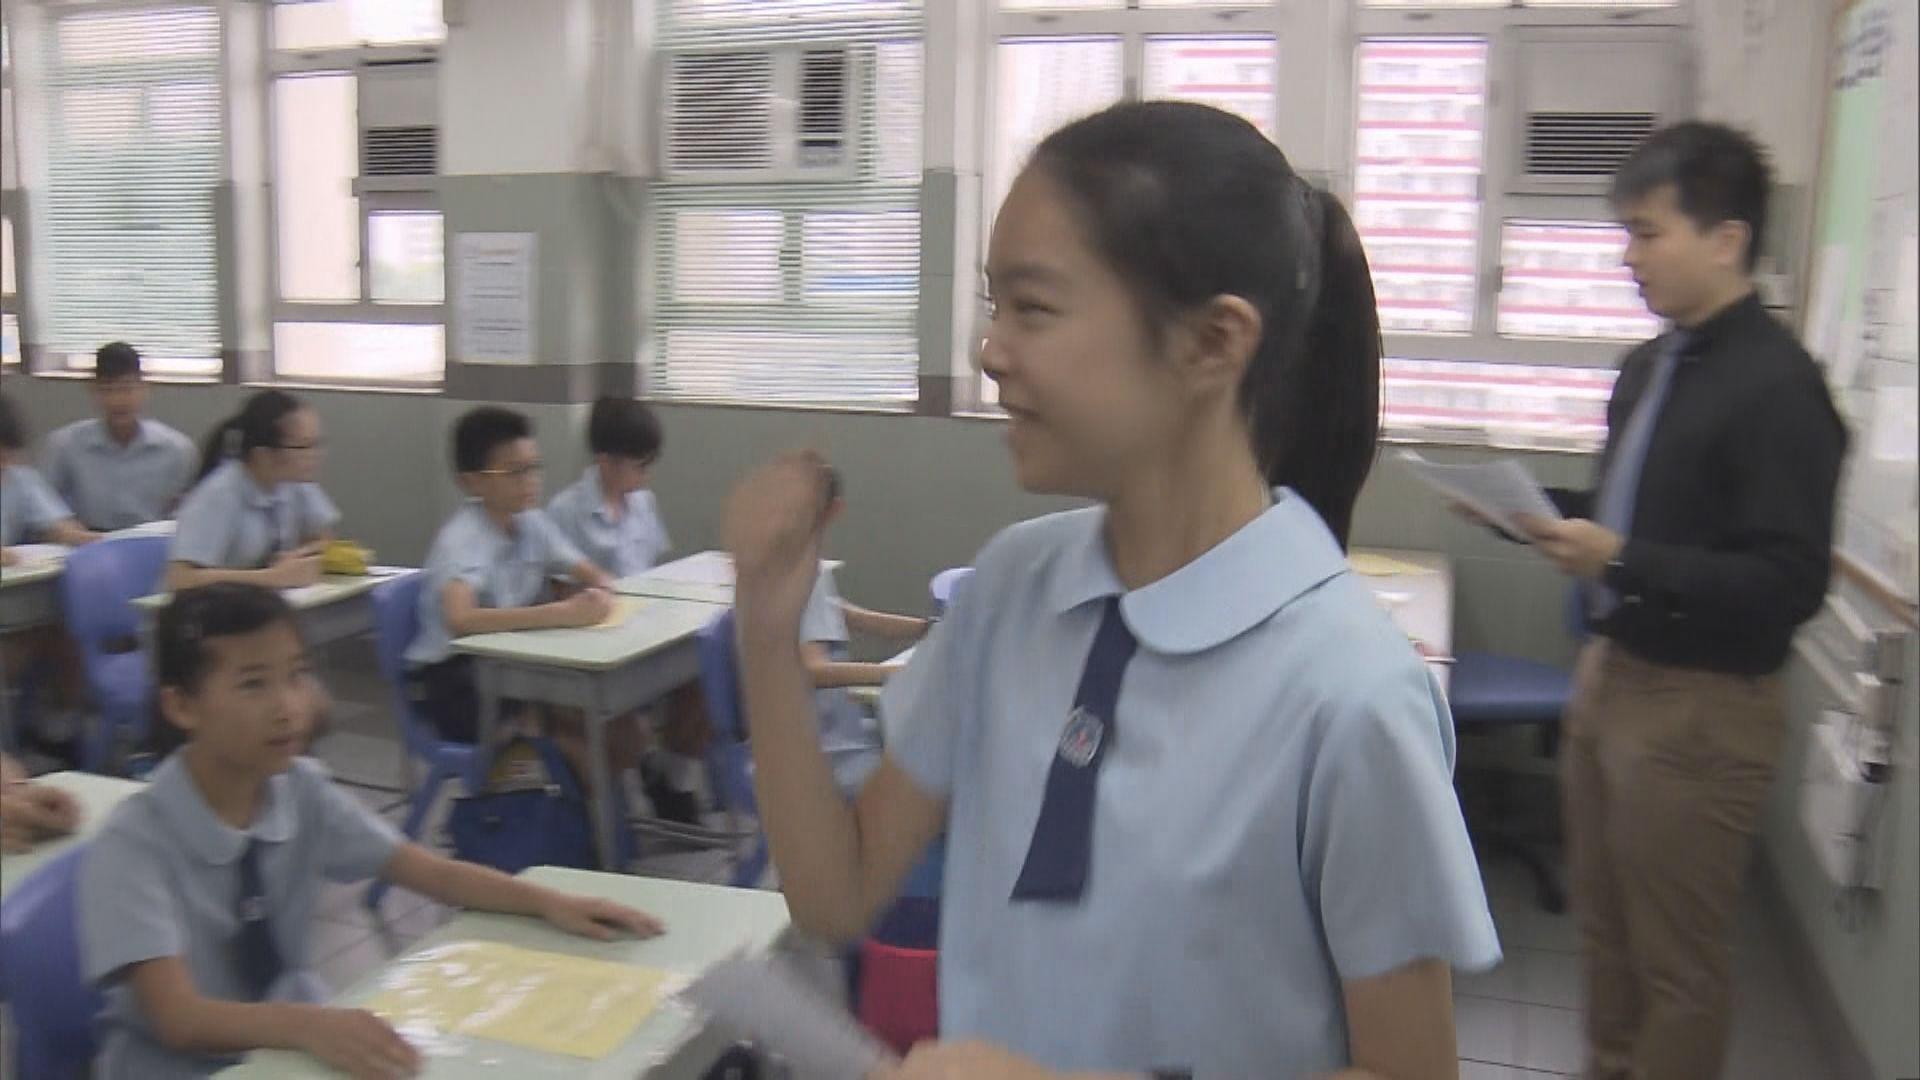 升中派位公布 學生返學校領取派位結果